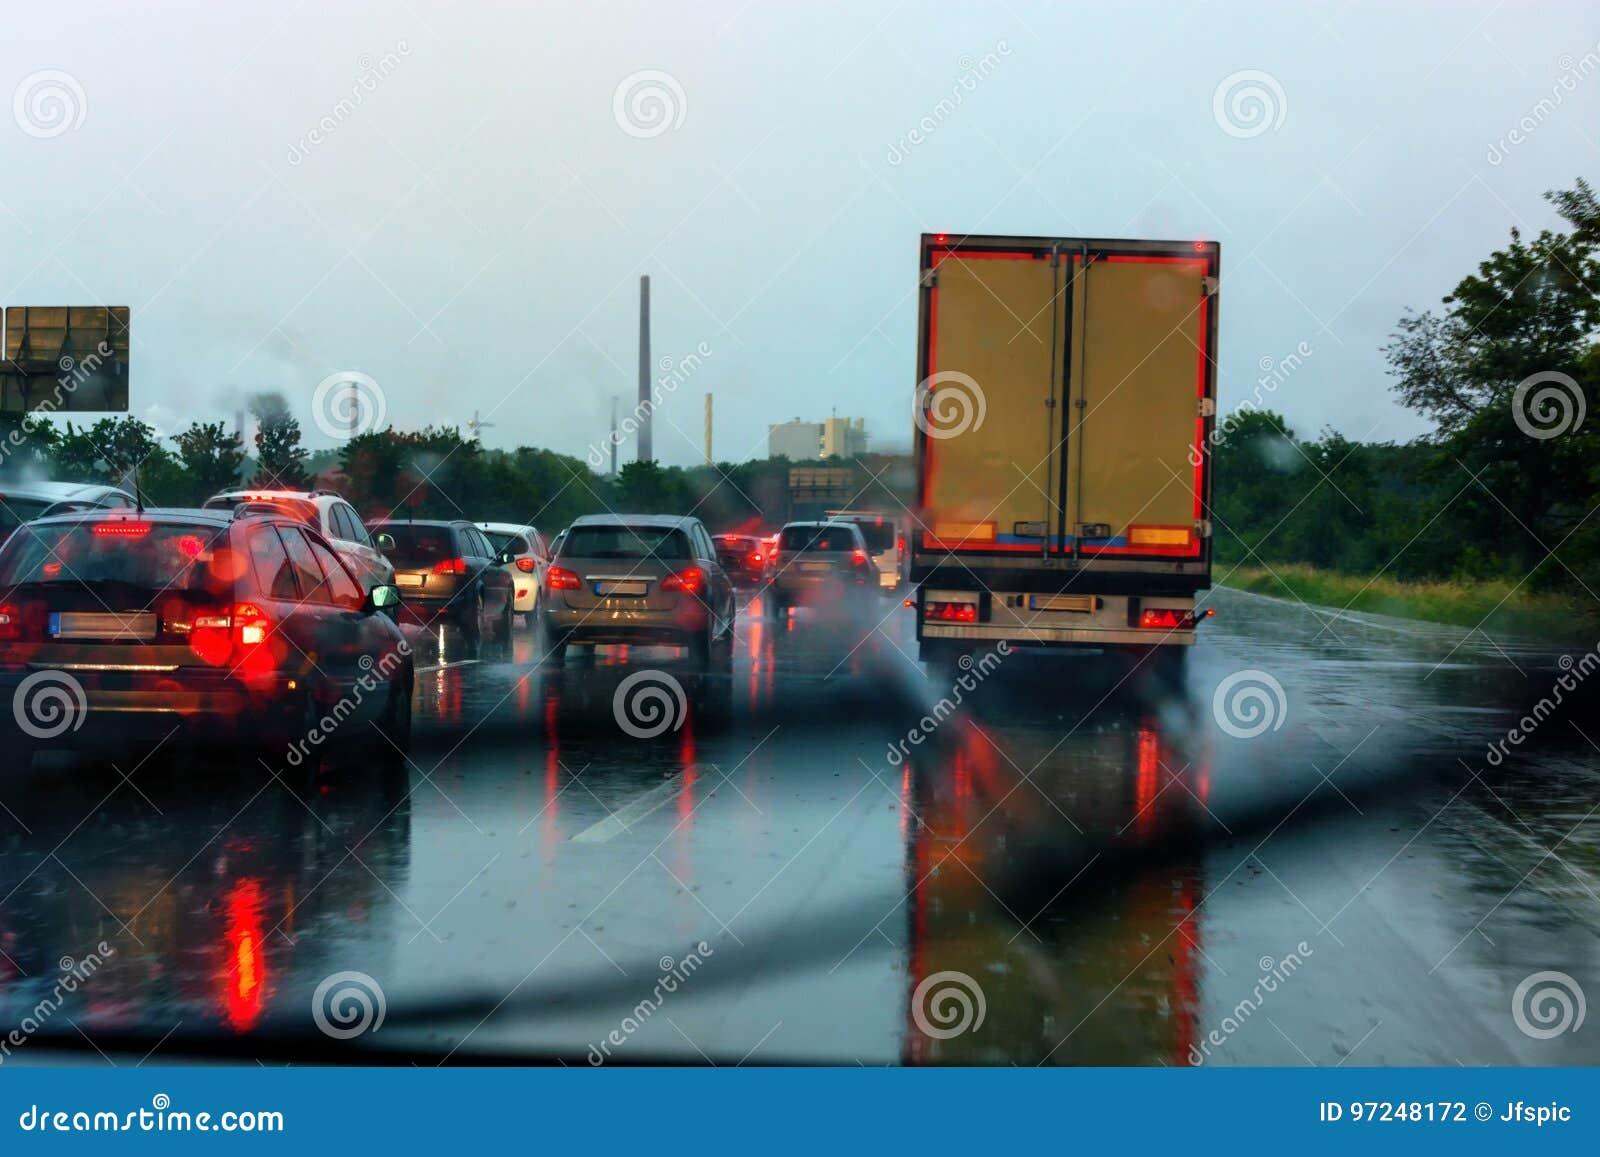 Złe warunki pogodowe na autostradzie